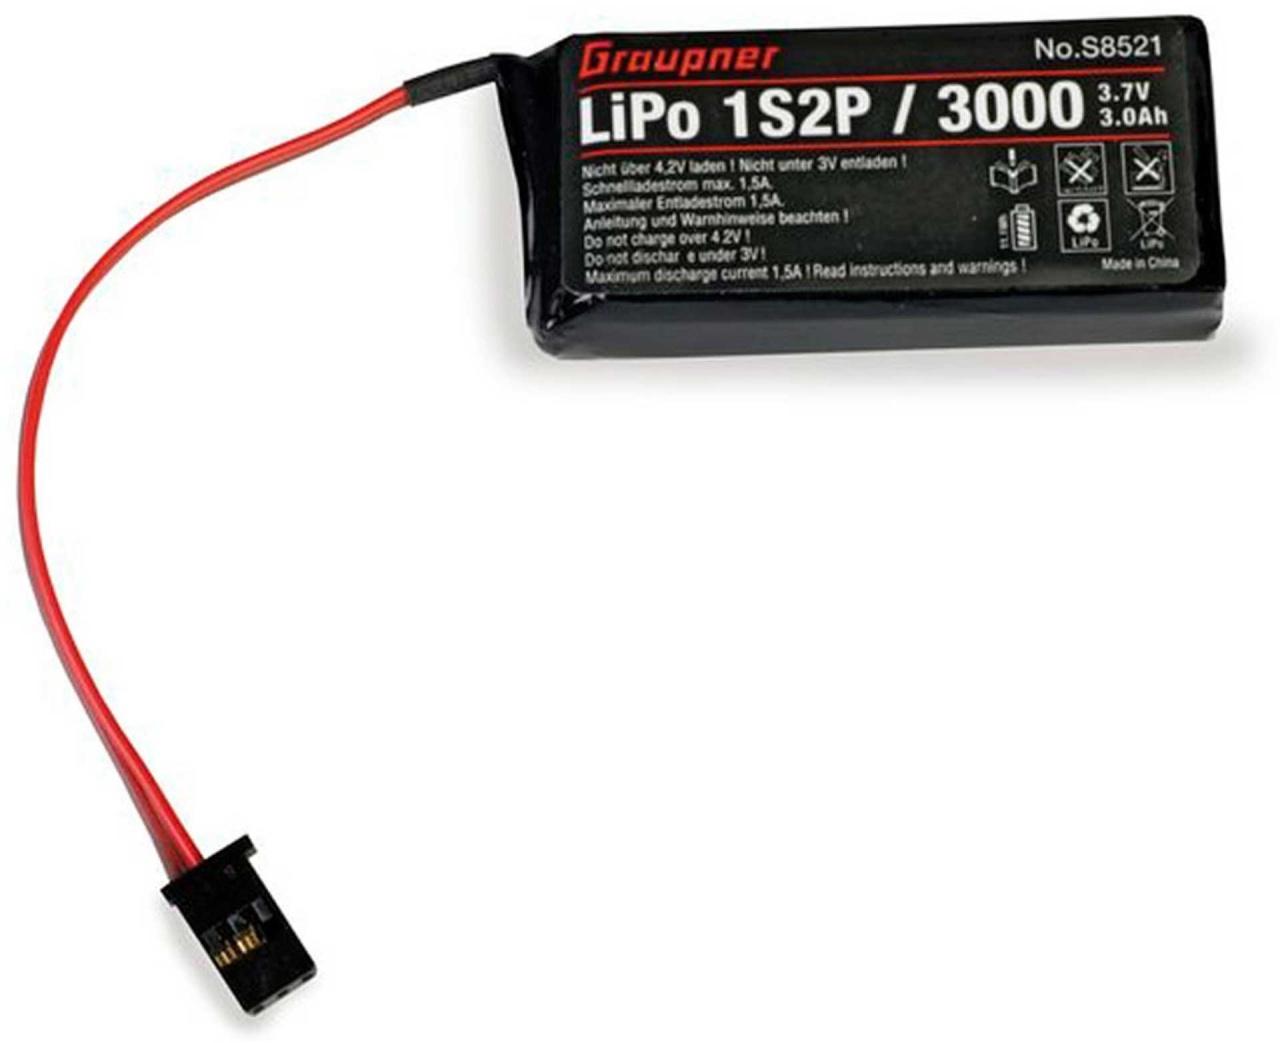 Graupner Senderakku LiPo 1S2P / 3000 TX 3,7V voor MZ-12